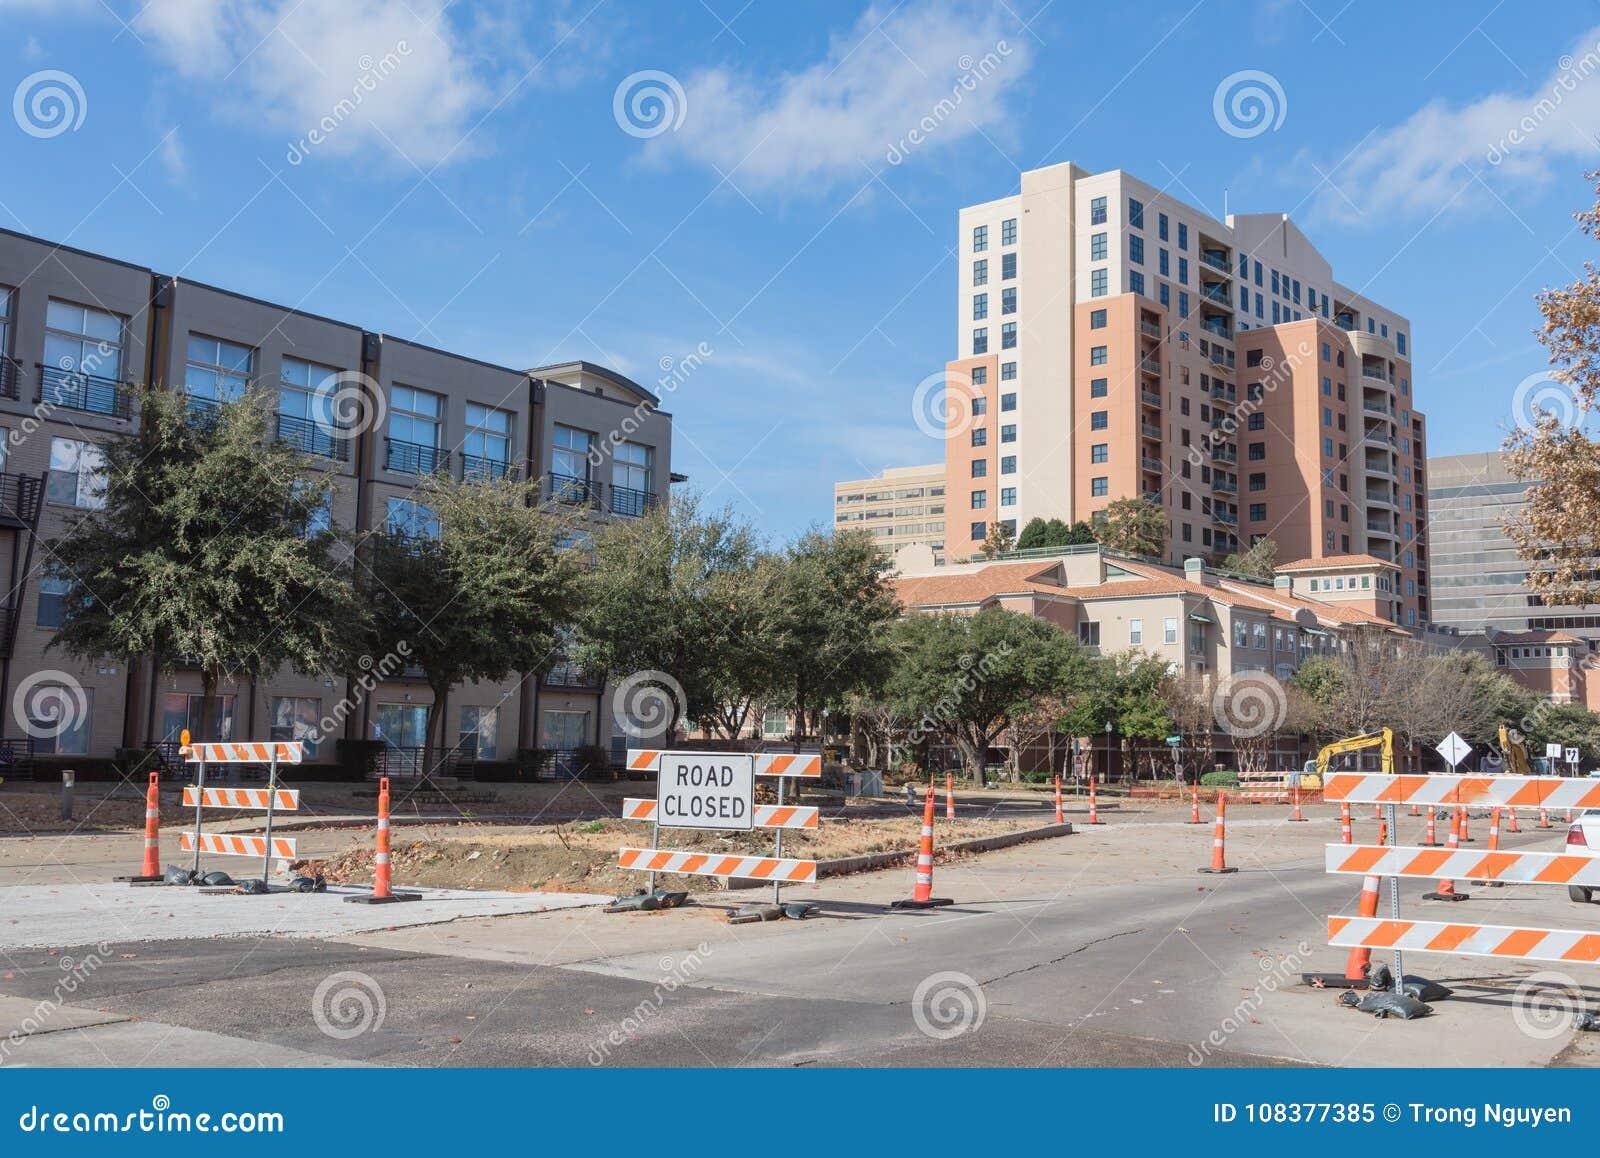 Дорога закрыла подписывает внутри городского Ирвинга, Техаса, США